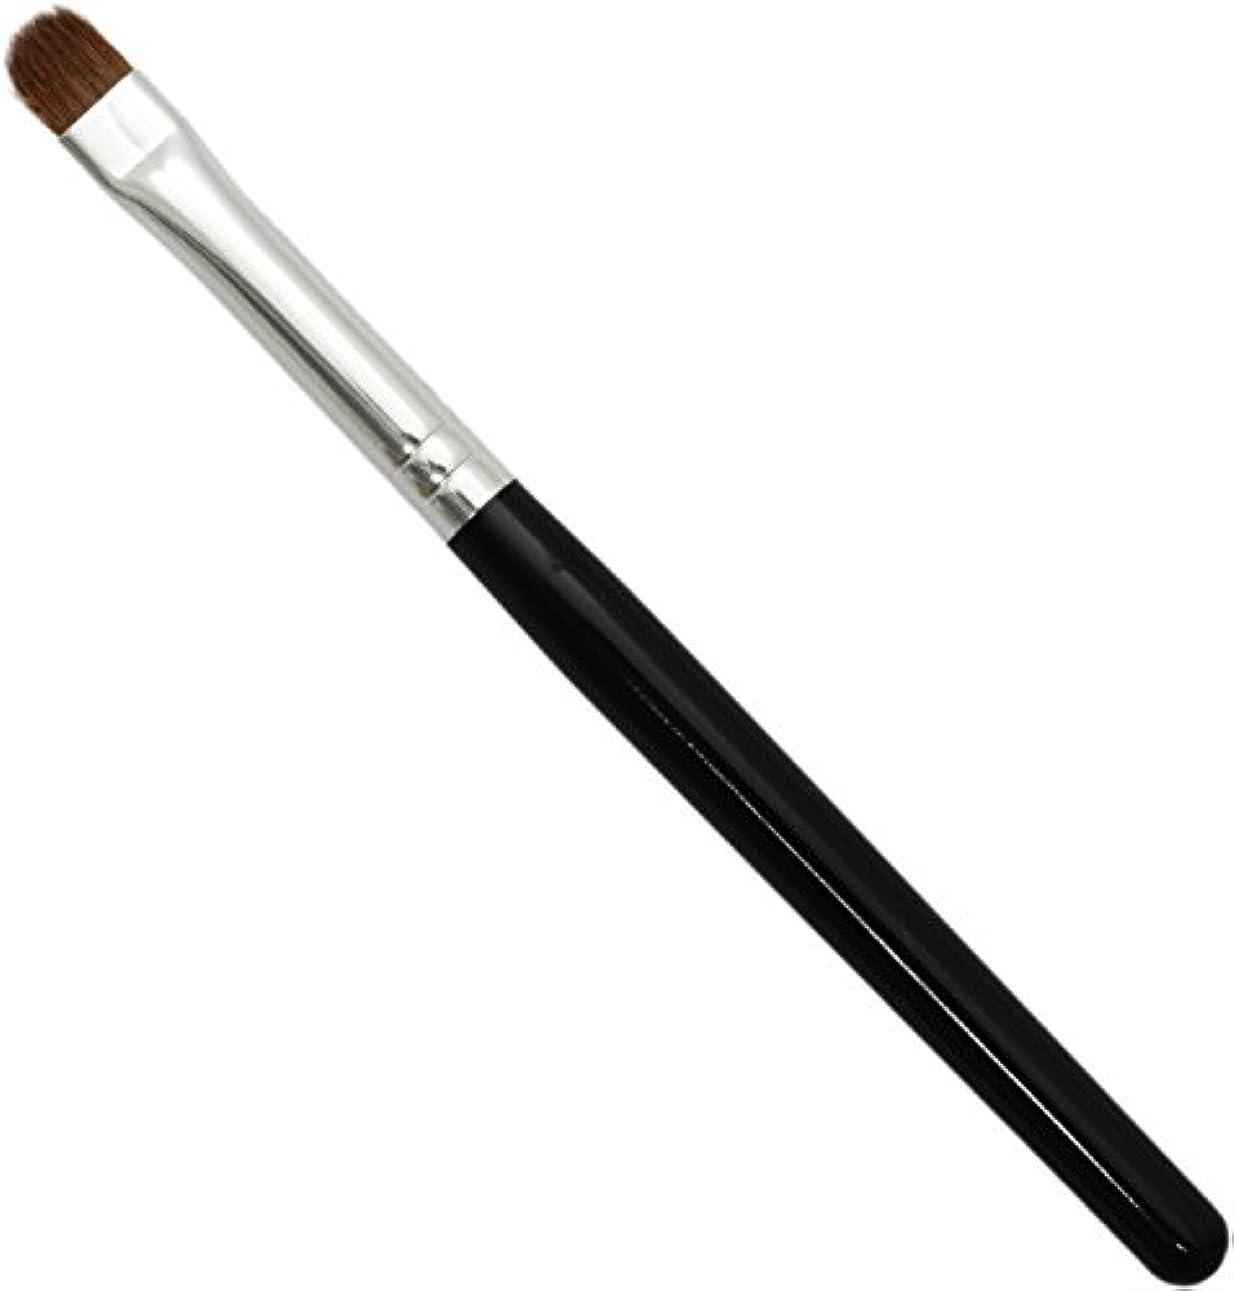 評価可能マーキングファーザーファージュ熊野筆 メイクブラシ KUシリーズ シャドウライナーブラシ イタチ毛